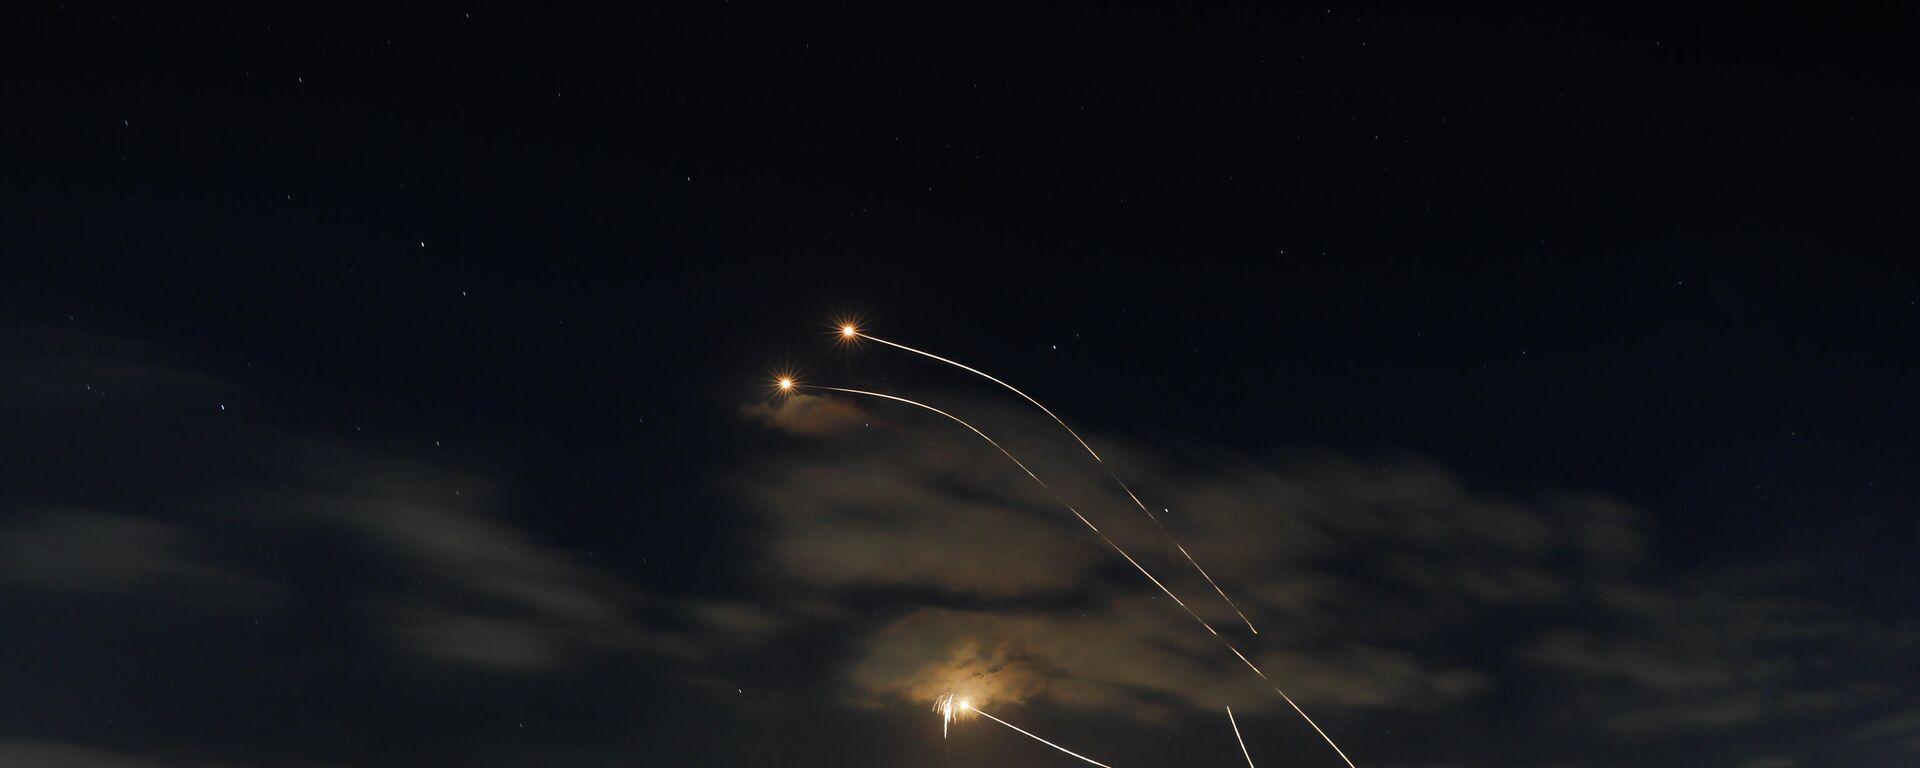 Israelisches Raketenabwehrsystem im Einsatz (Archivbild) - SNA, 1920, 11.09.2021